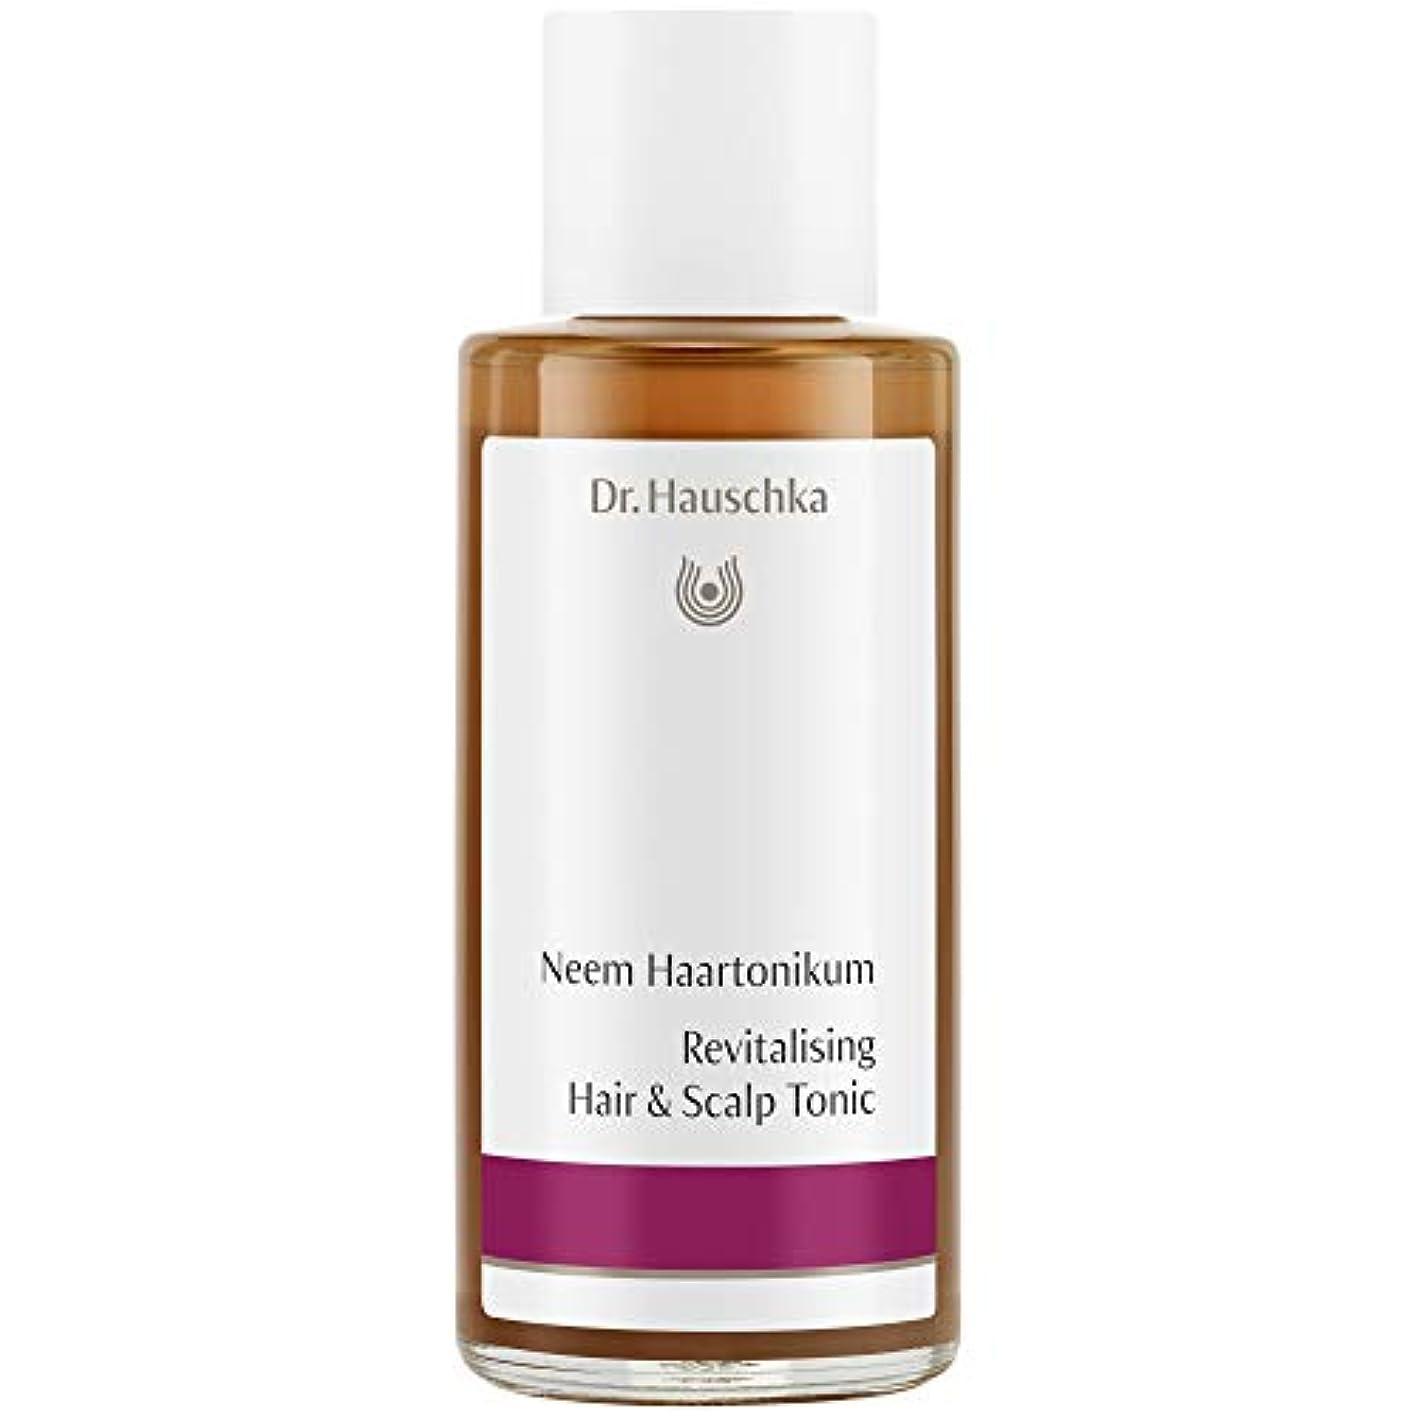 責任者シーン放射能[Dr Hauschka] Drハウシュカニームヘアローション100ミリリットル - Dr Hauschka Neem Hair Lotion 100ml [並行輸入品]